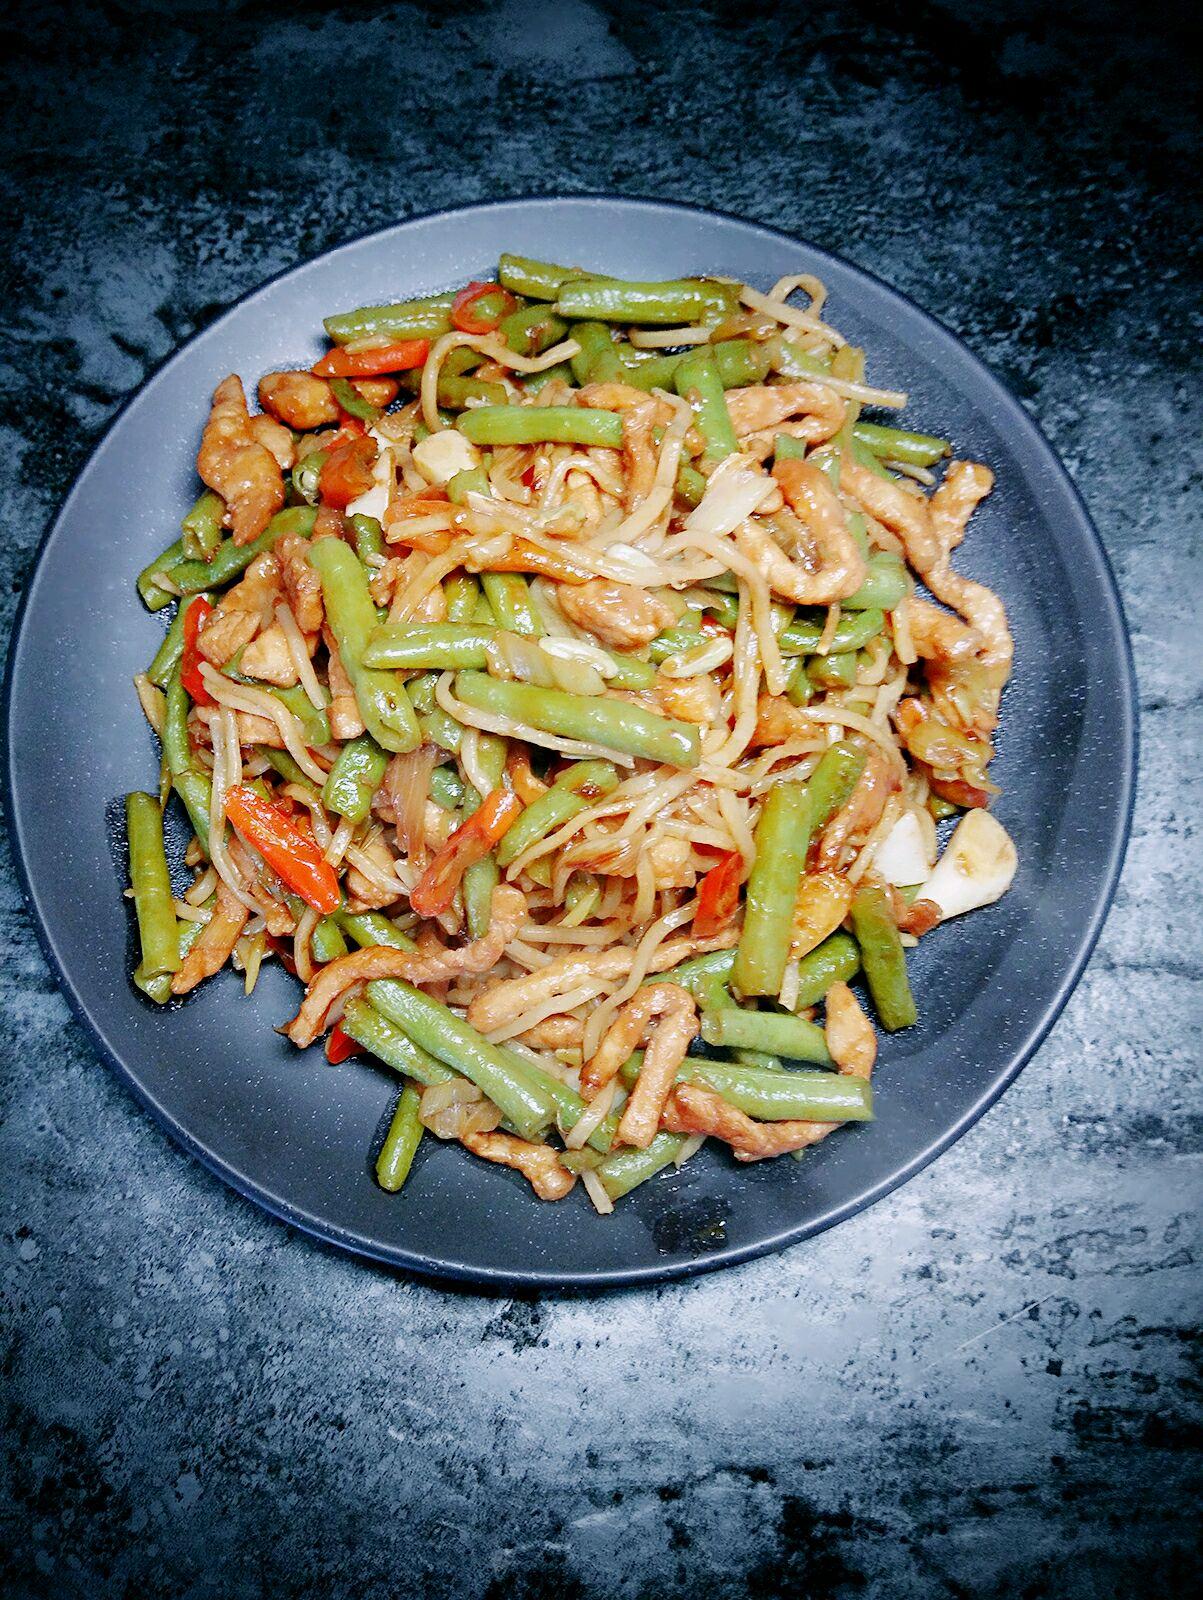 炒油条_豆角焖面怎么做_豆角焖面的做法_豆果美食